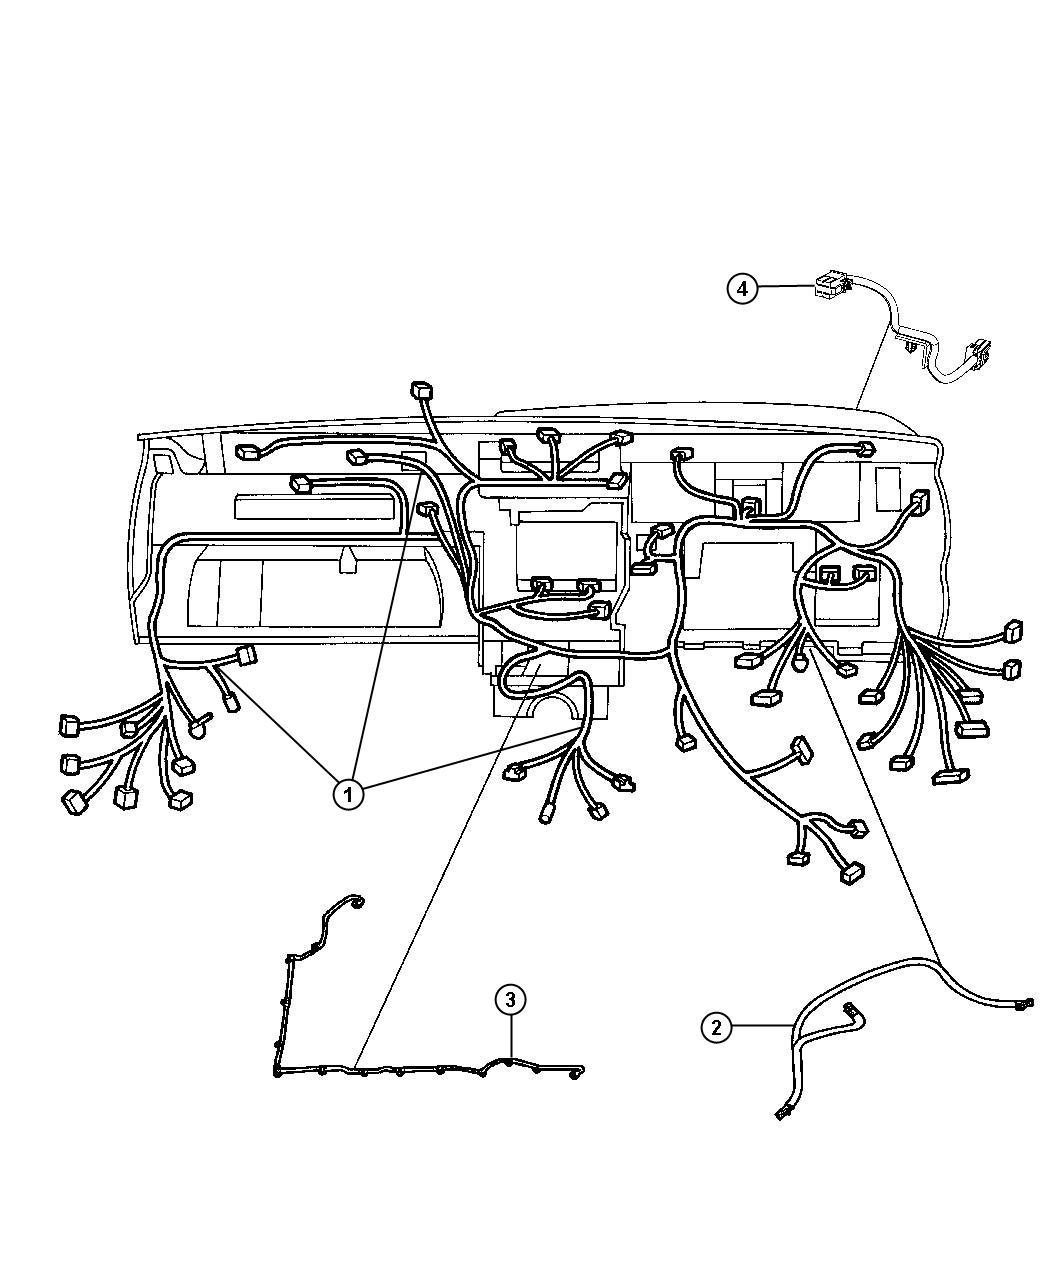 2011 Dodge Magnum Wiring. Instrument panel. Premote